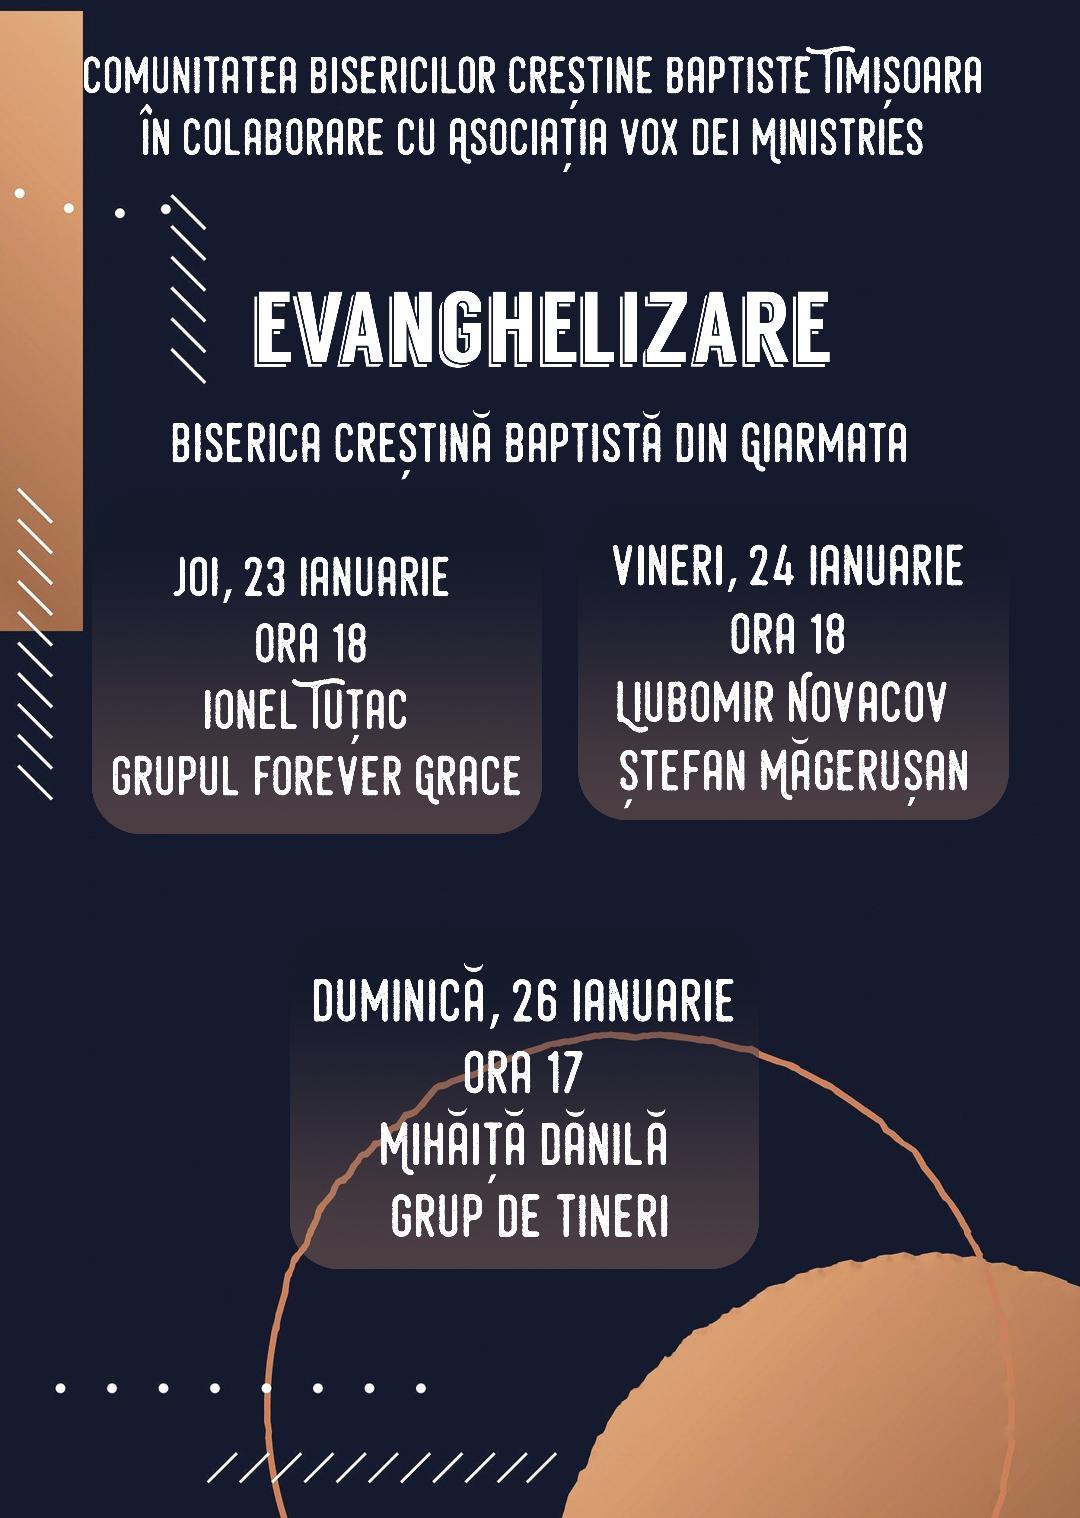 Evanghelizare la Giarmata